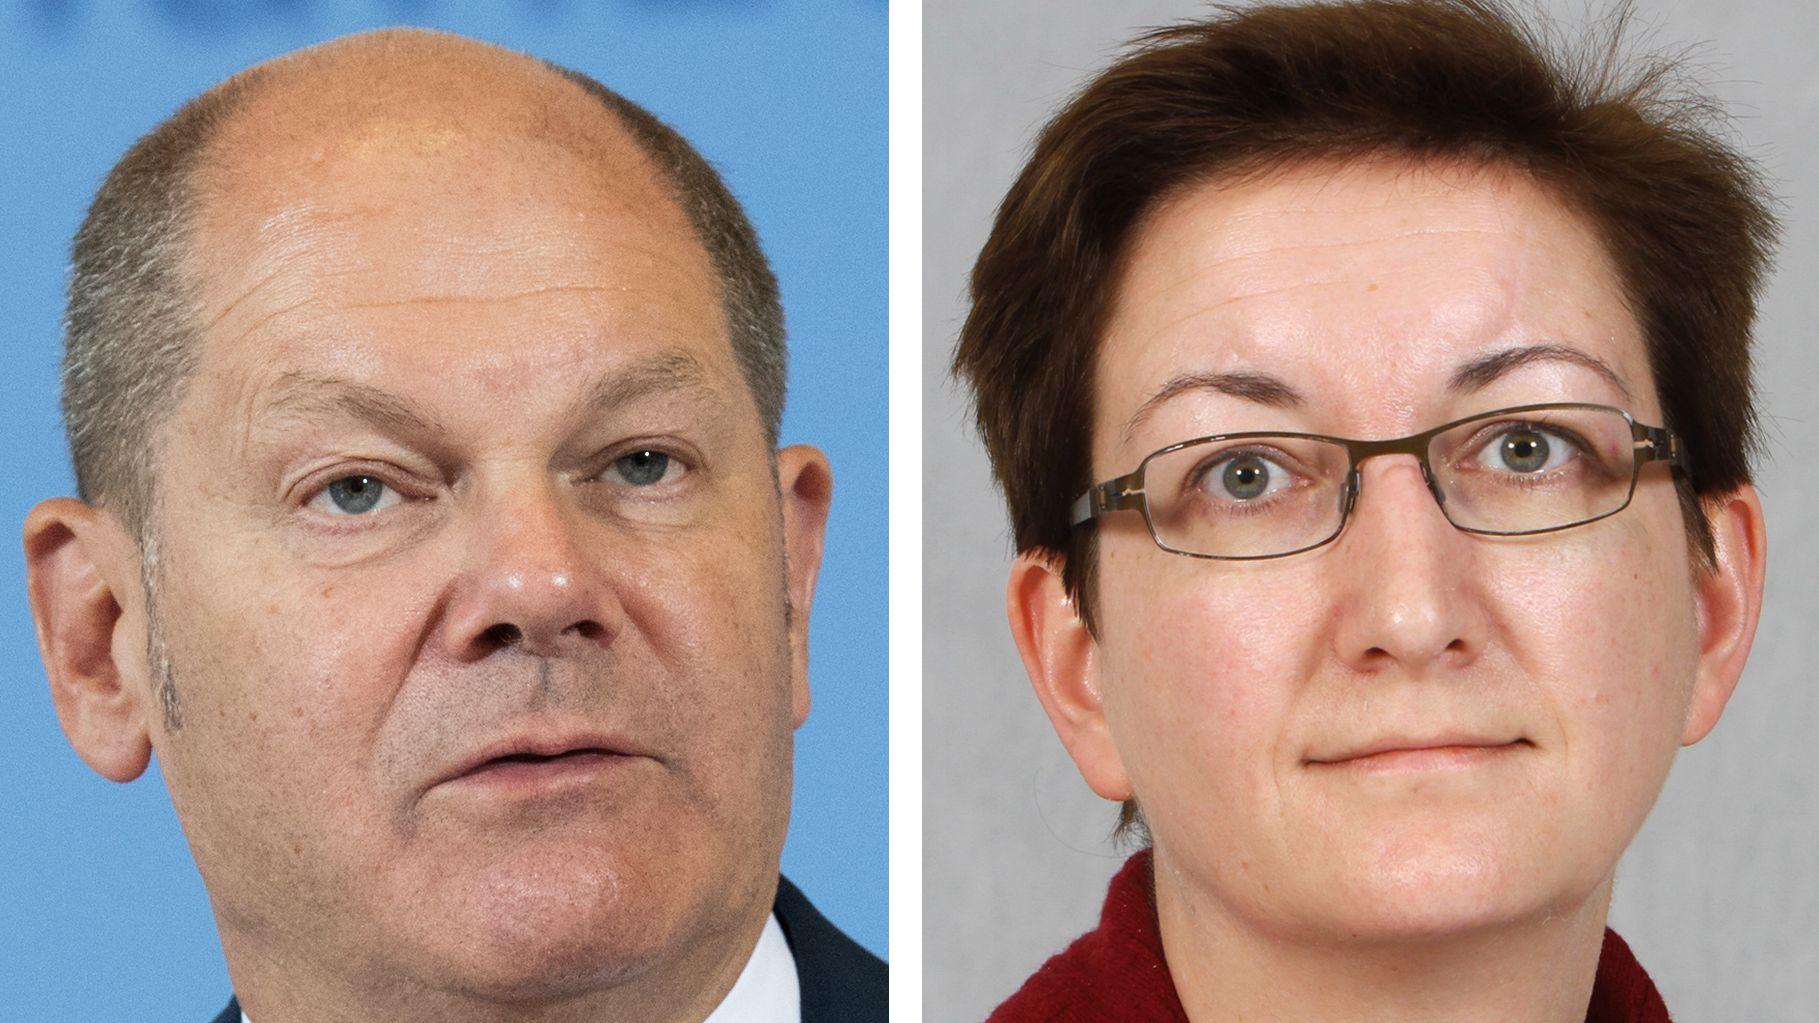 Die Bildkombo zeigt Bundesfinanzminister Olaf Scholz und die brandenburger Landtagsabgeordnete Klara Geywitz.